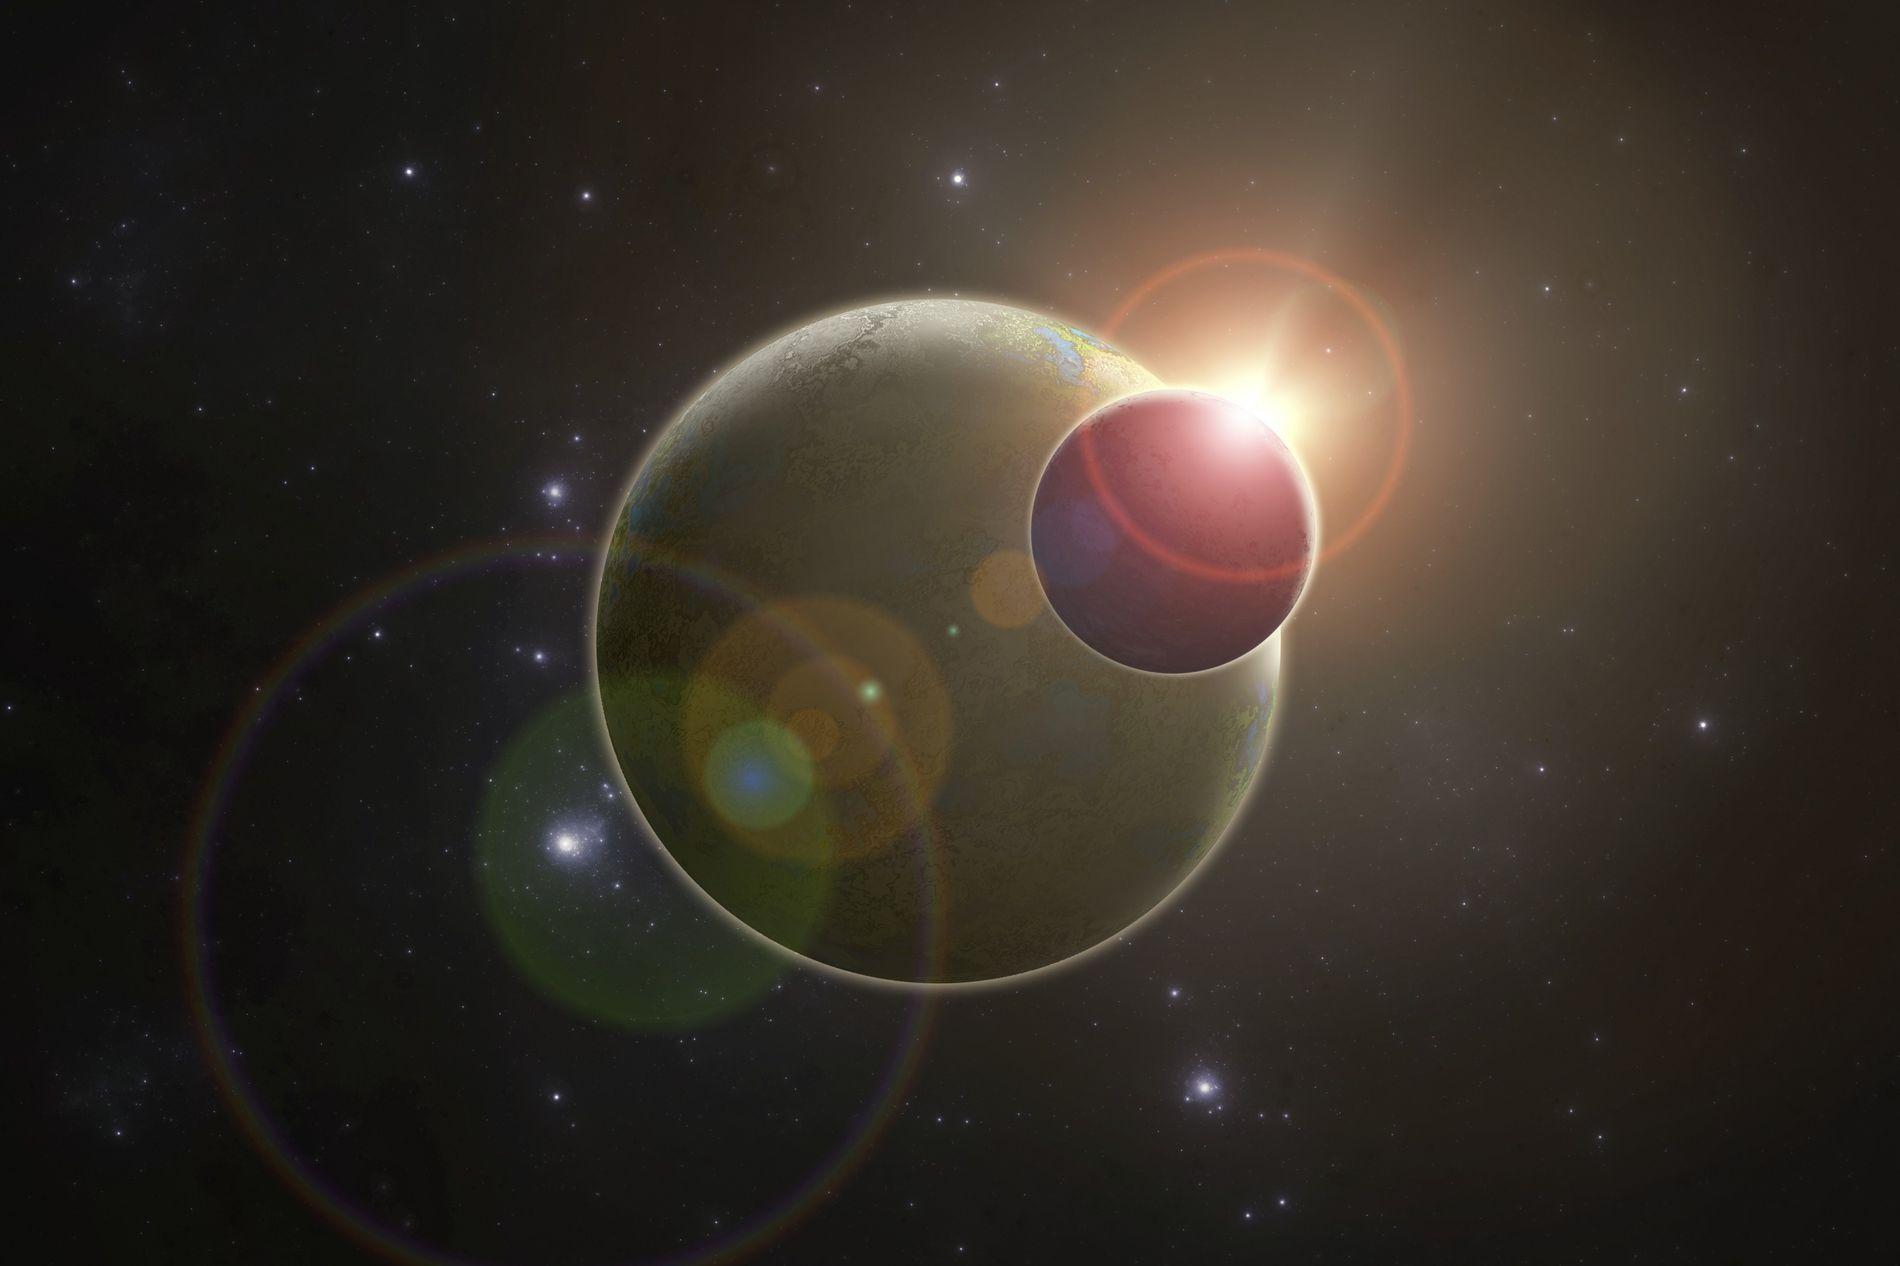 GI411b est très proche de son astre : la distance qui les sépare est de 0,08 ...